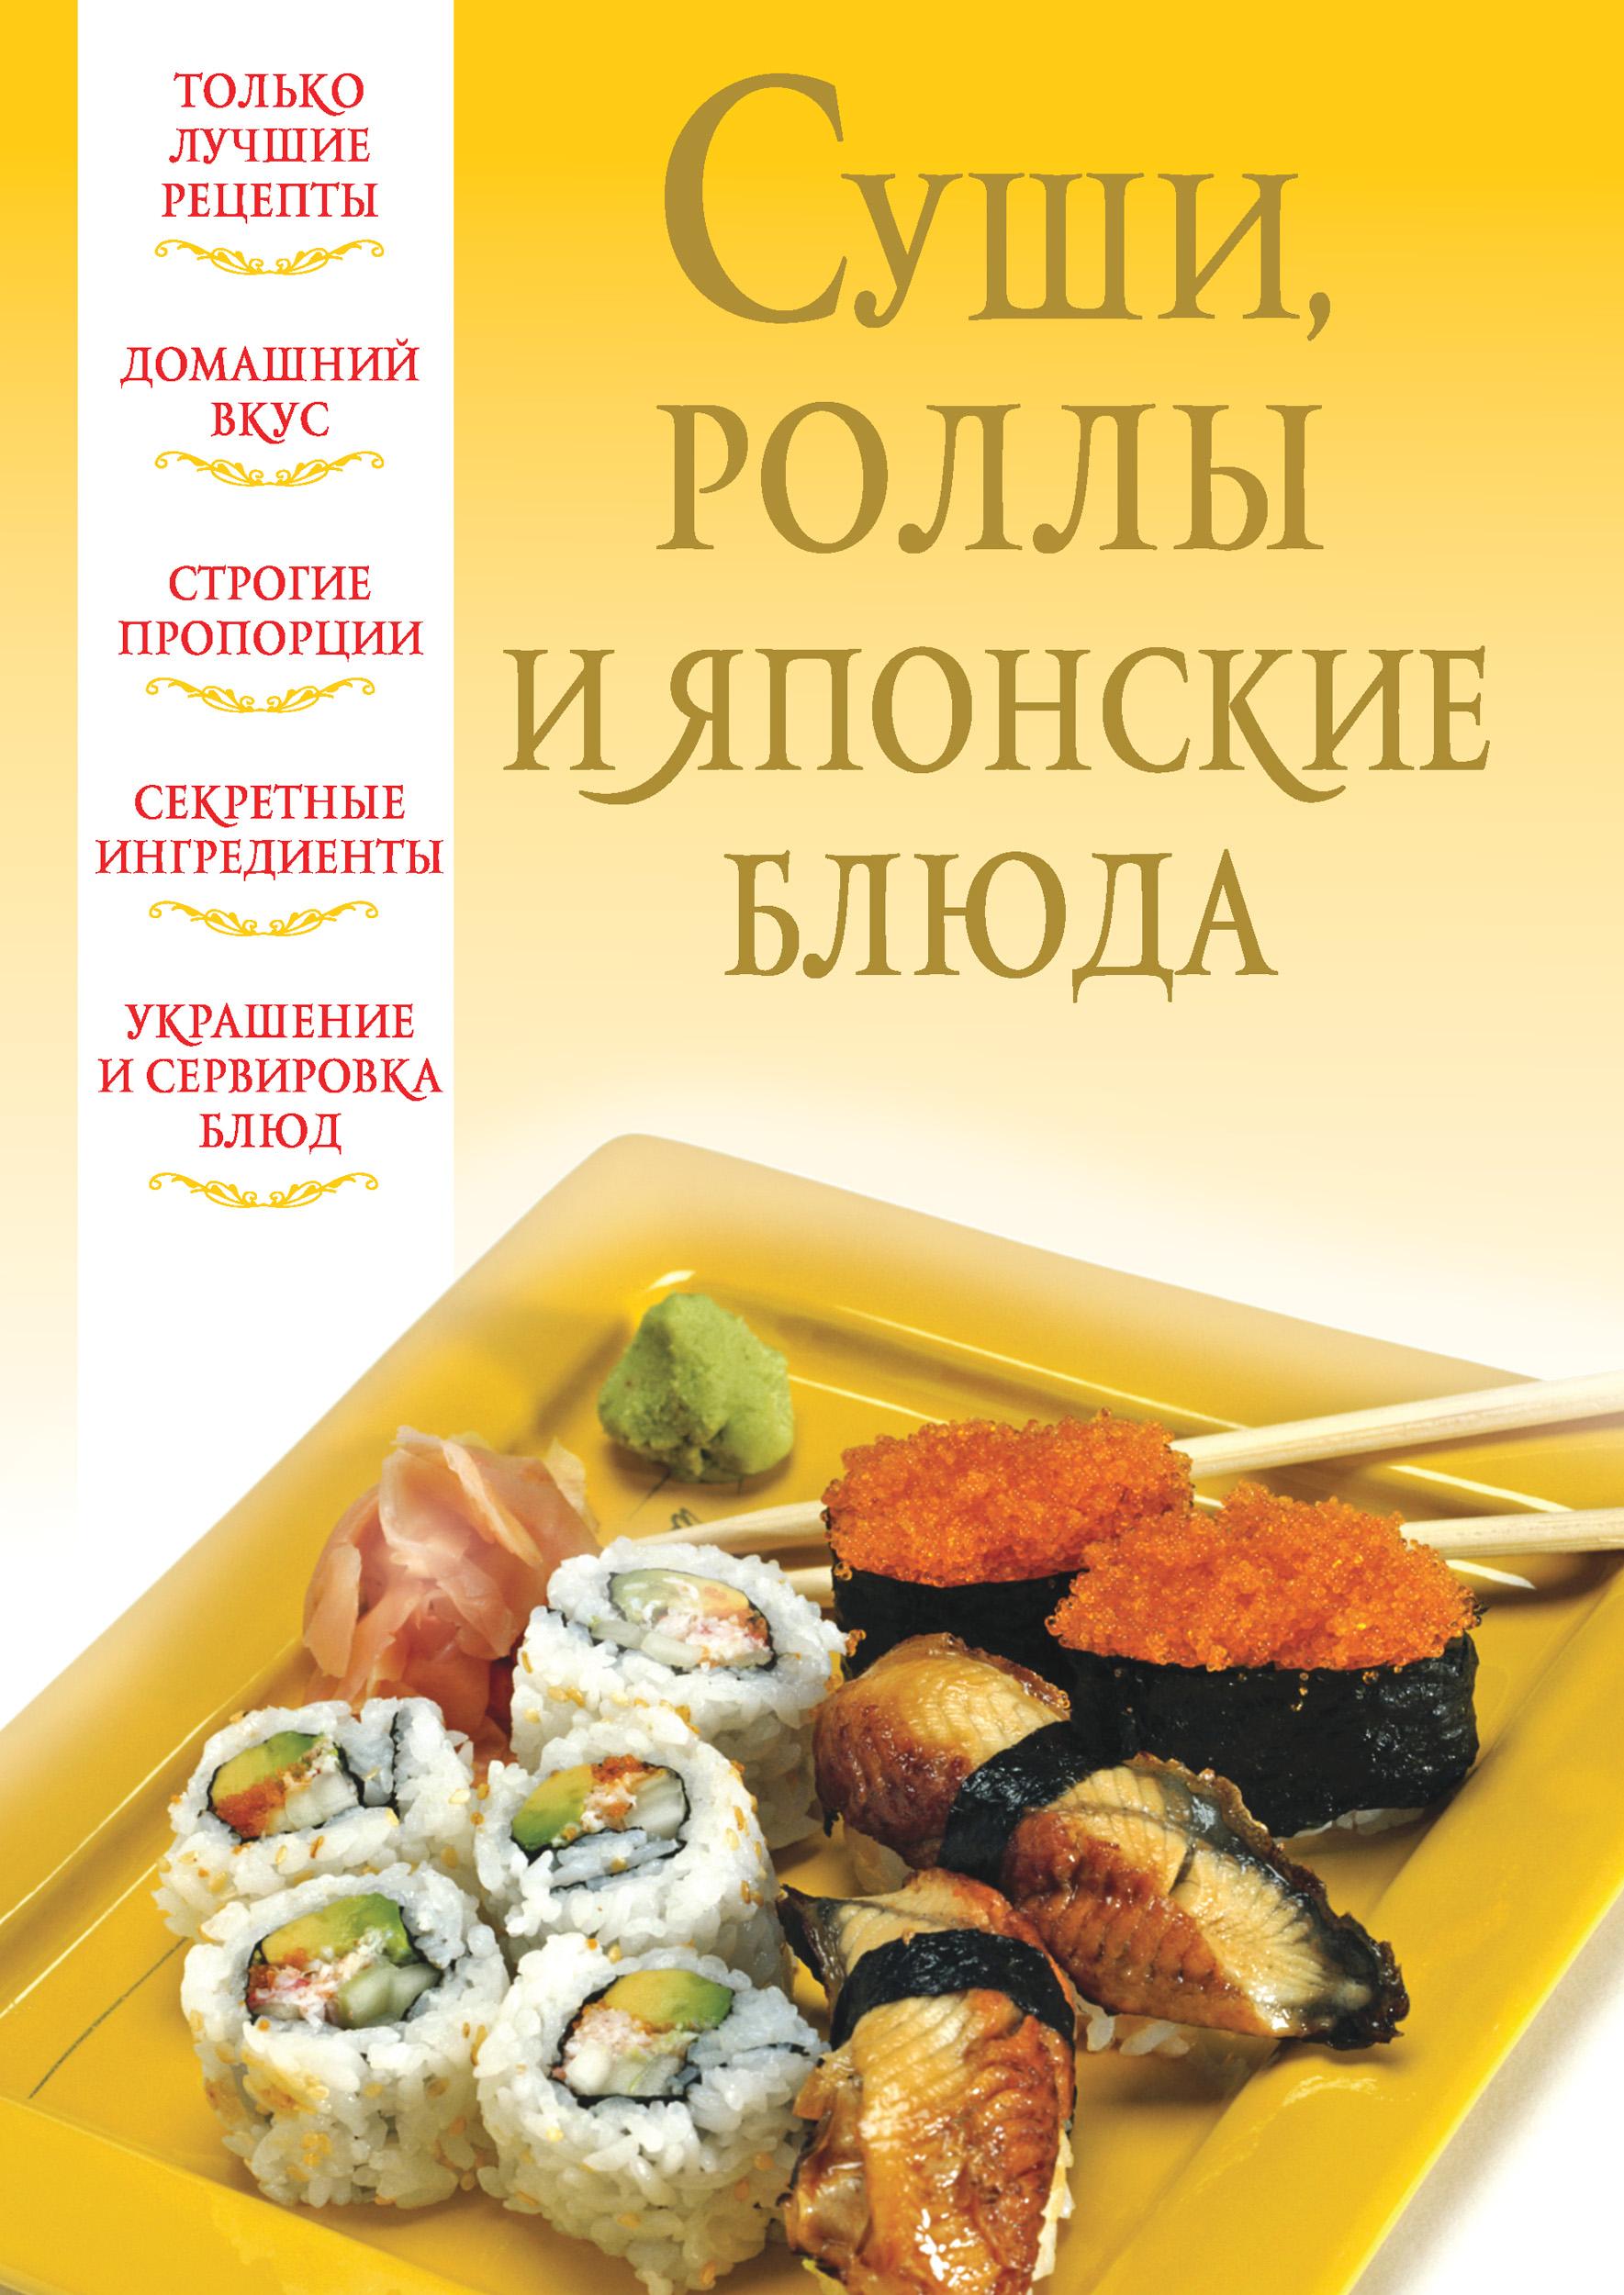 цены на Отсутствует Суши, роллы и японские блюда в интернет-магазинах